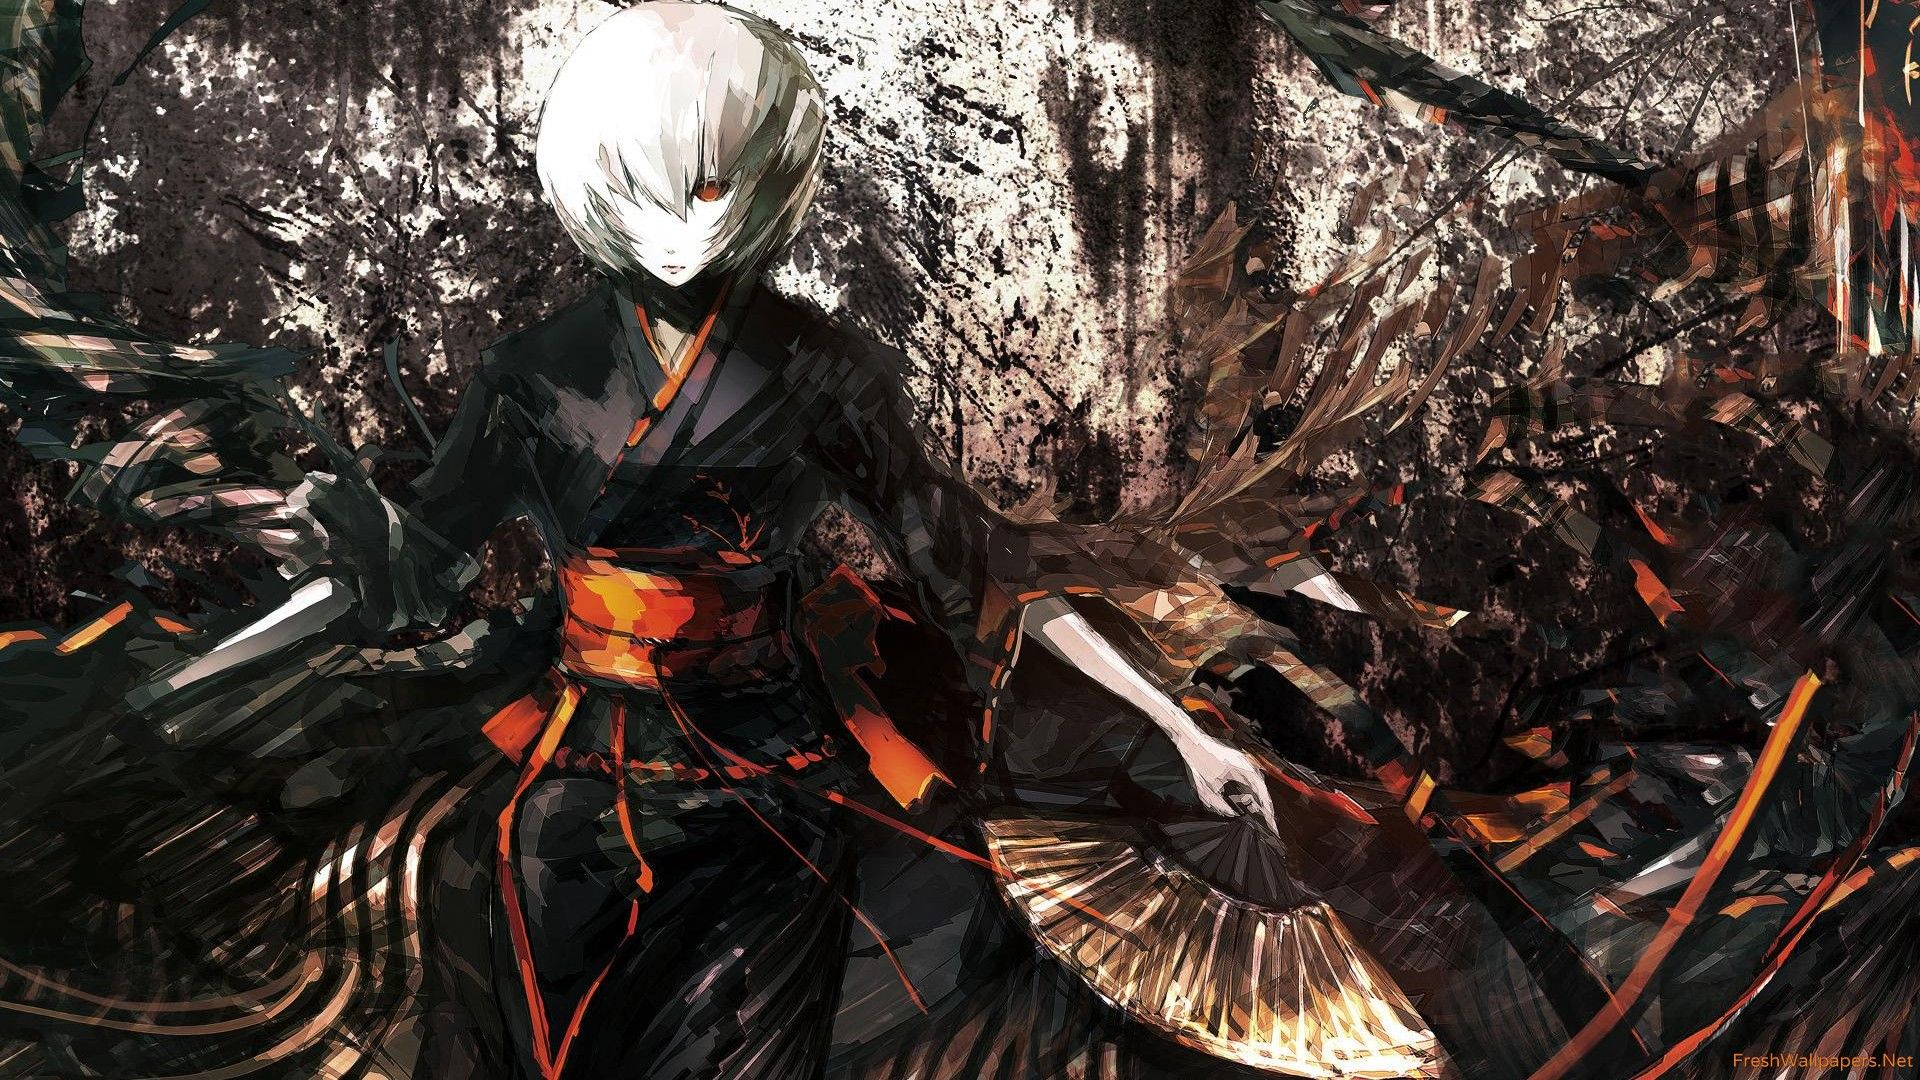 Dark Anime Good Wallpaper